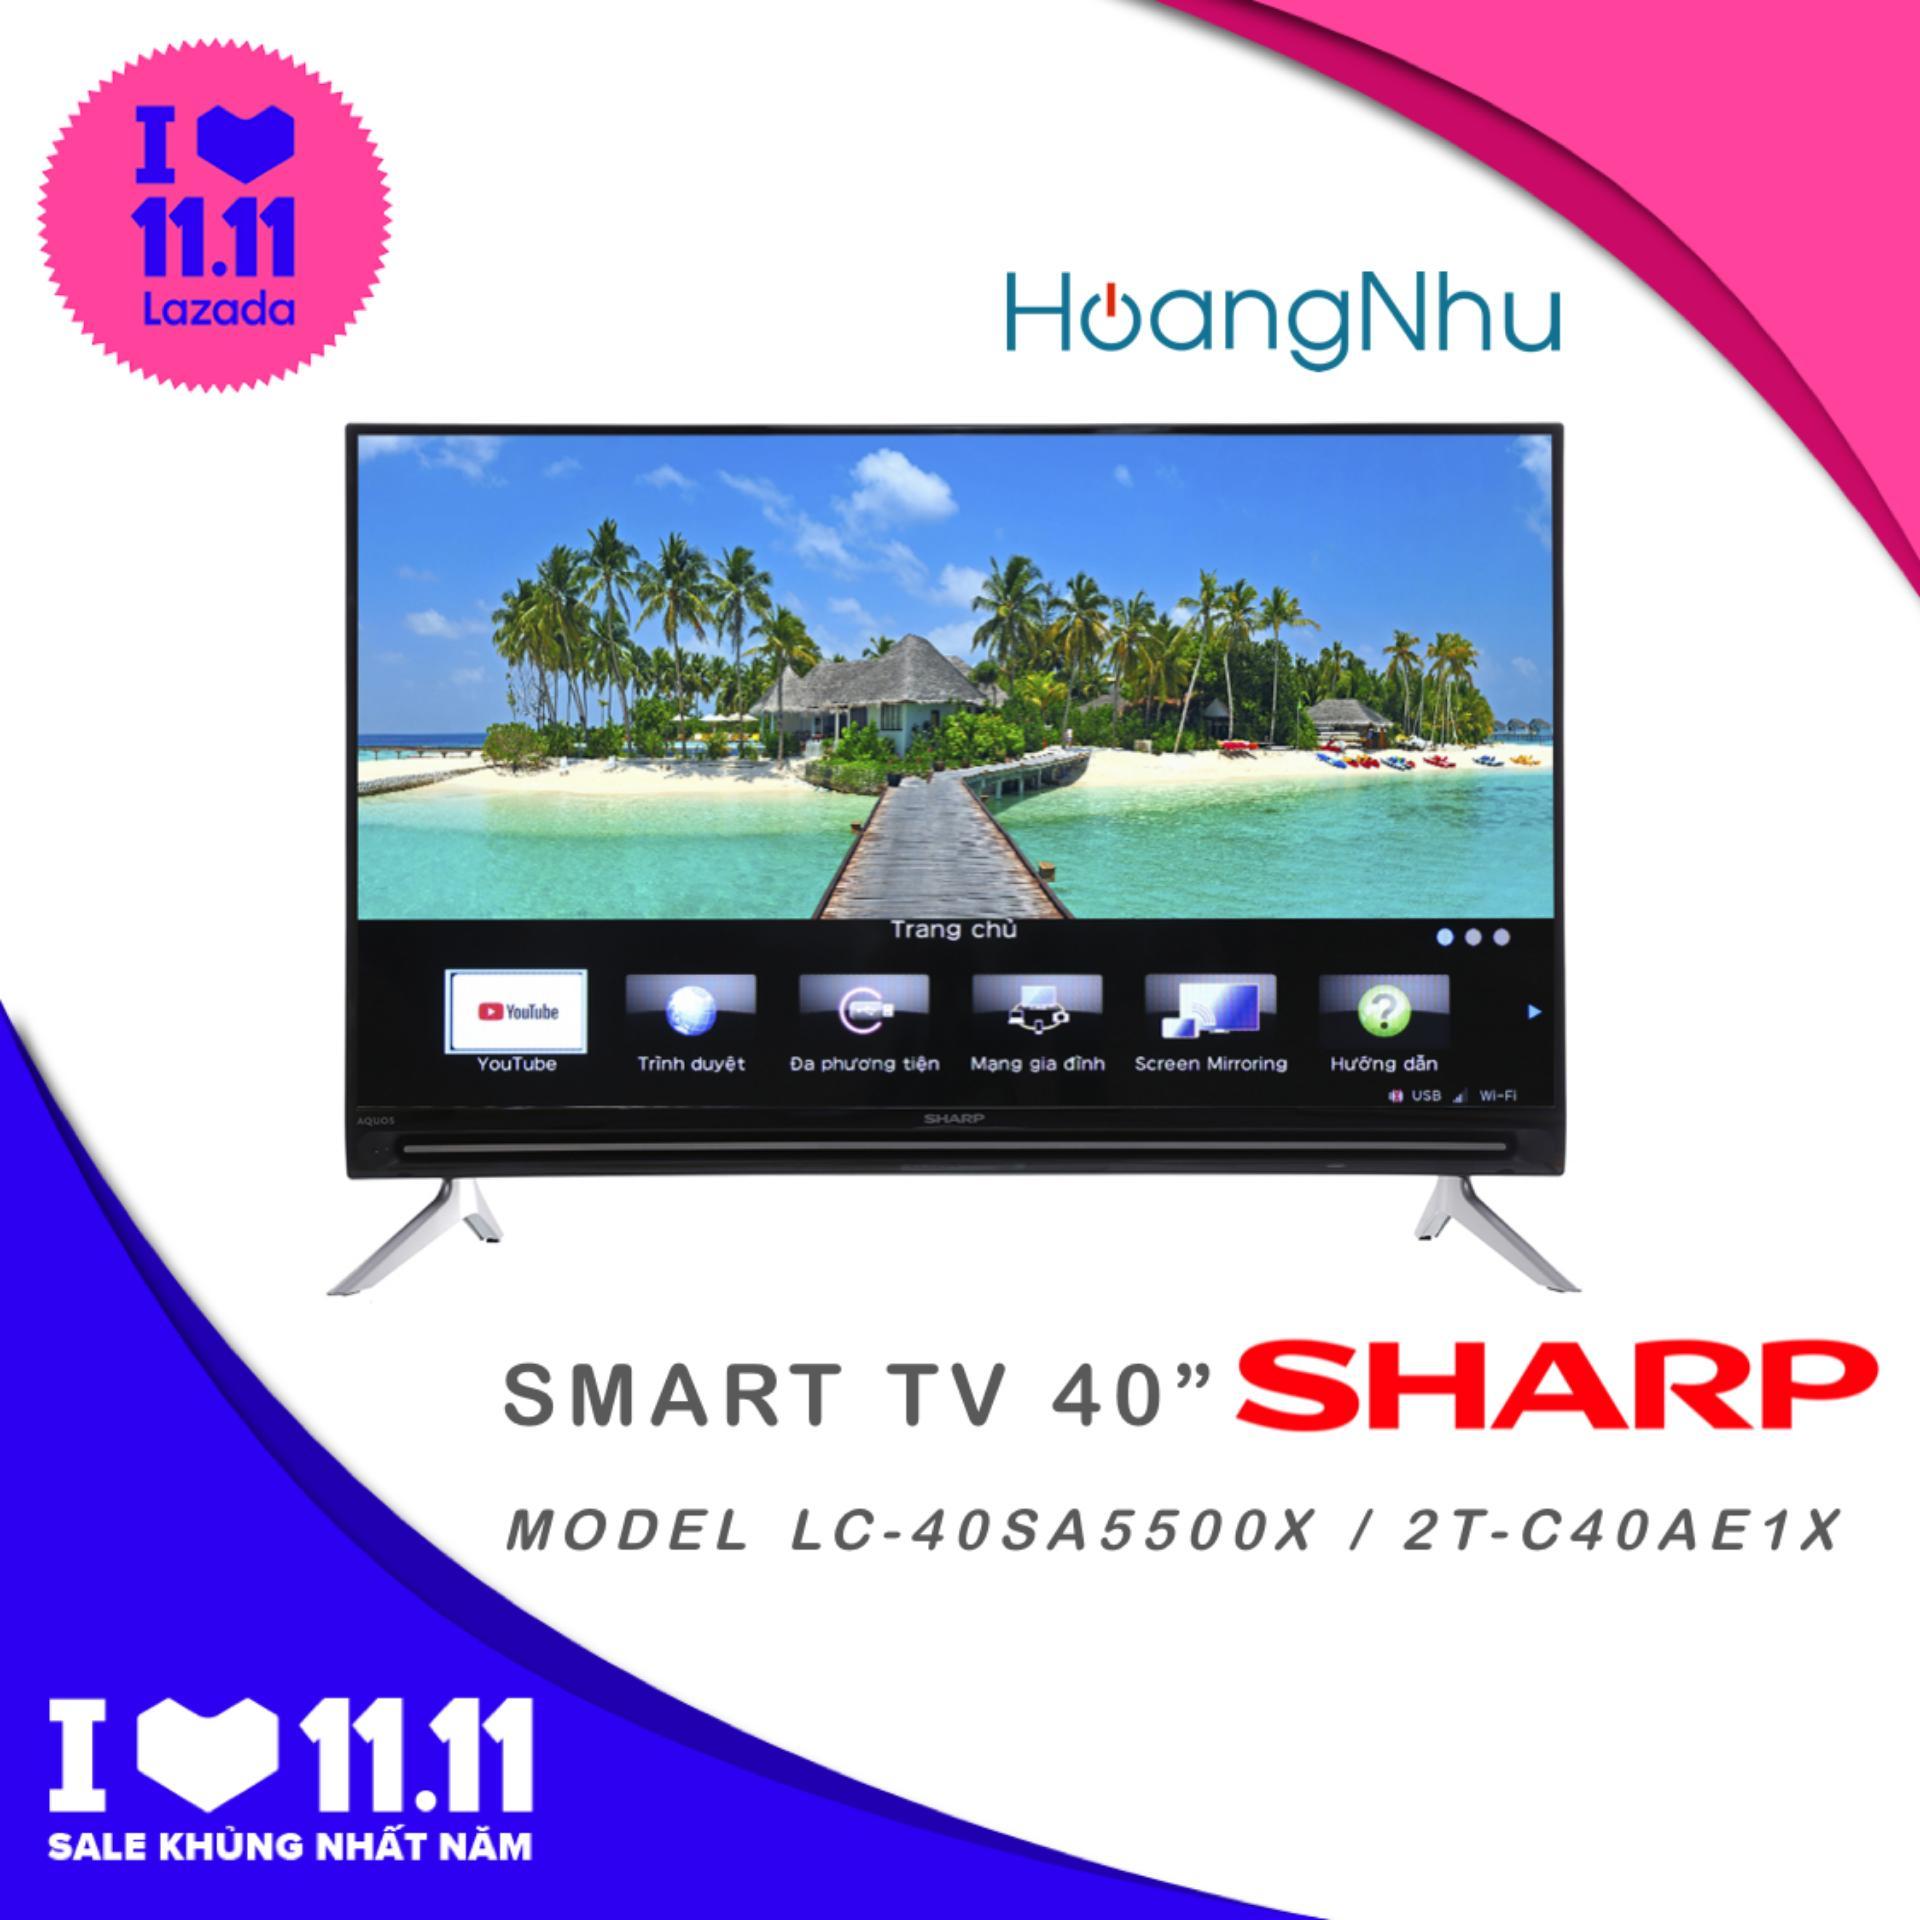 Smart Tivi Sharp 40 inch model LC-40SA5500X / 2T-C40AE1X (Tivi thông minh, Full HD, tích hợp đầu thu KTS)